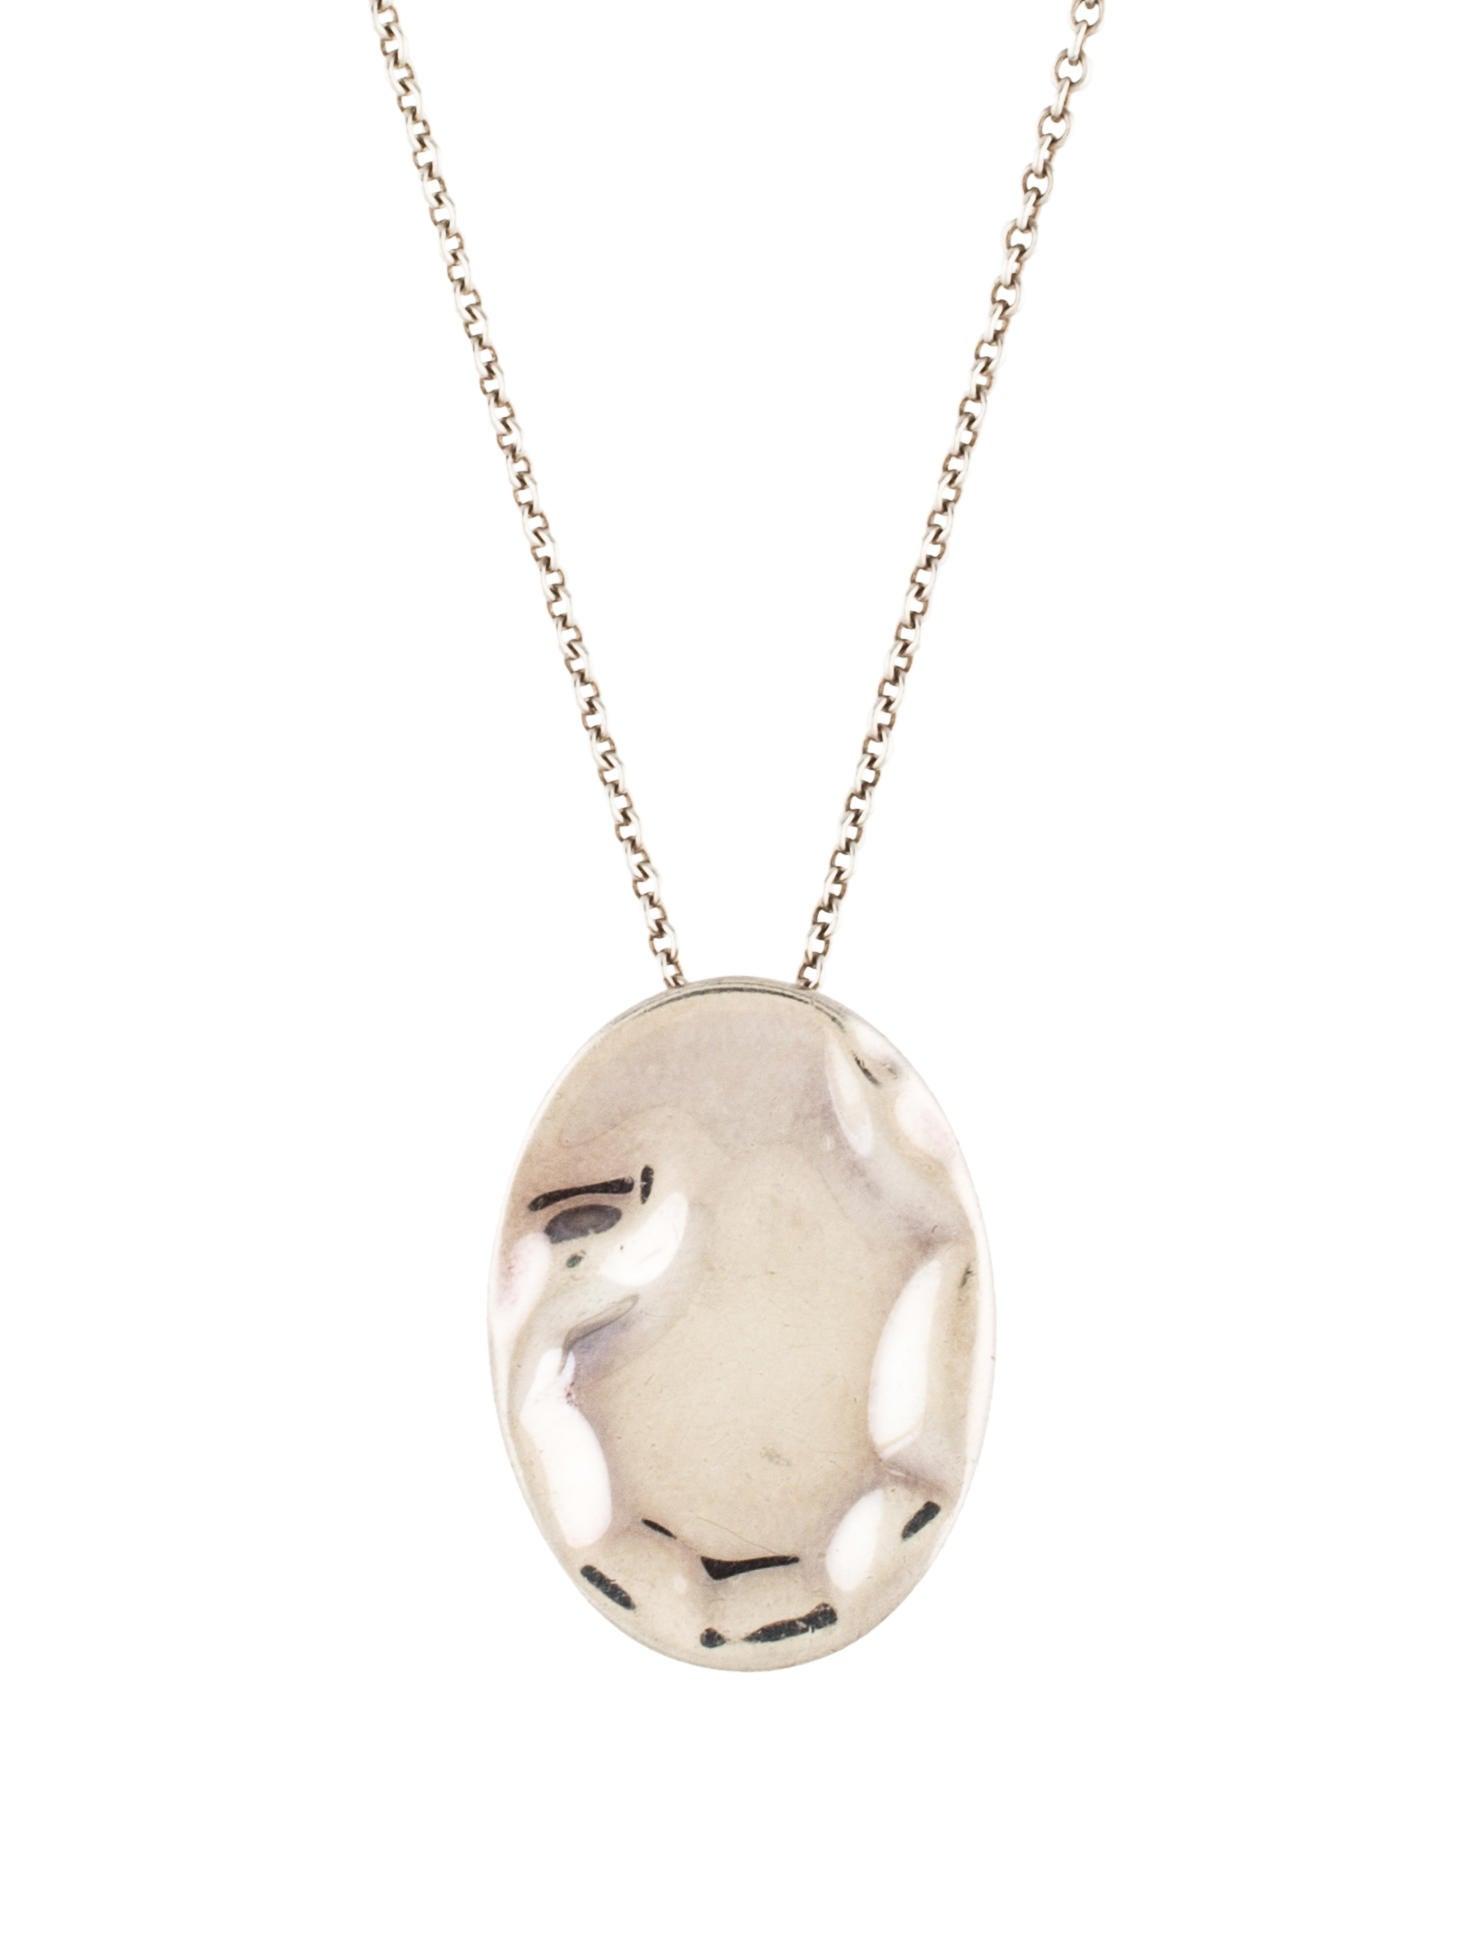 Tiffany co zodiac scorpio pendant necklace necklaces tif63343 zodiac scorpio pendant necklace mozeypictures Image collections